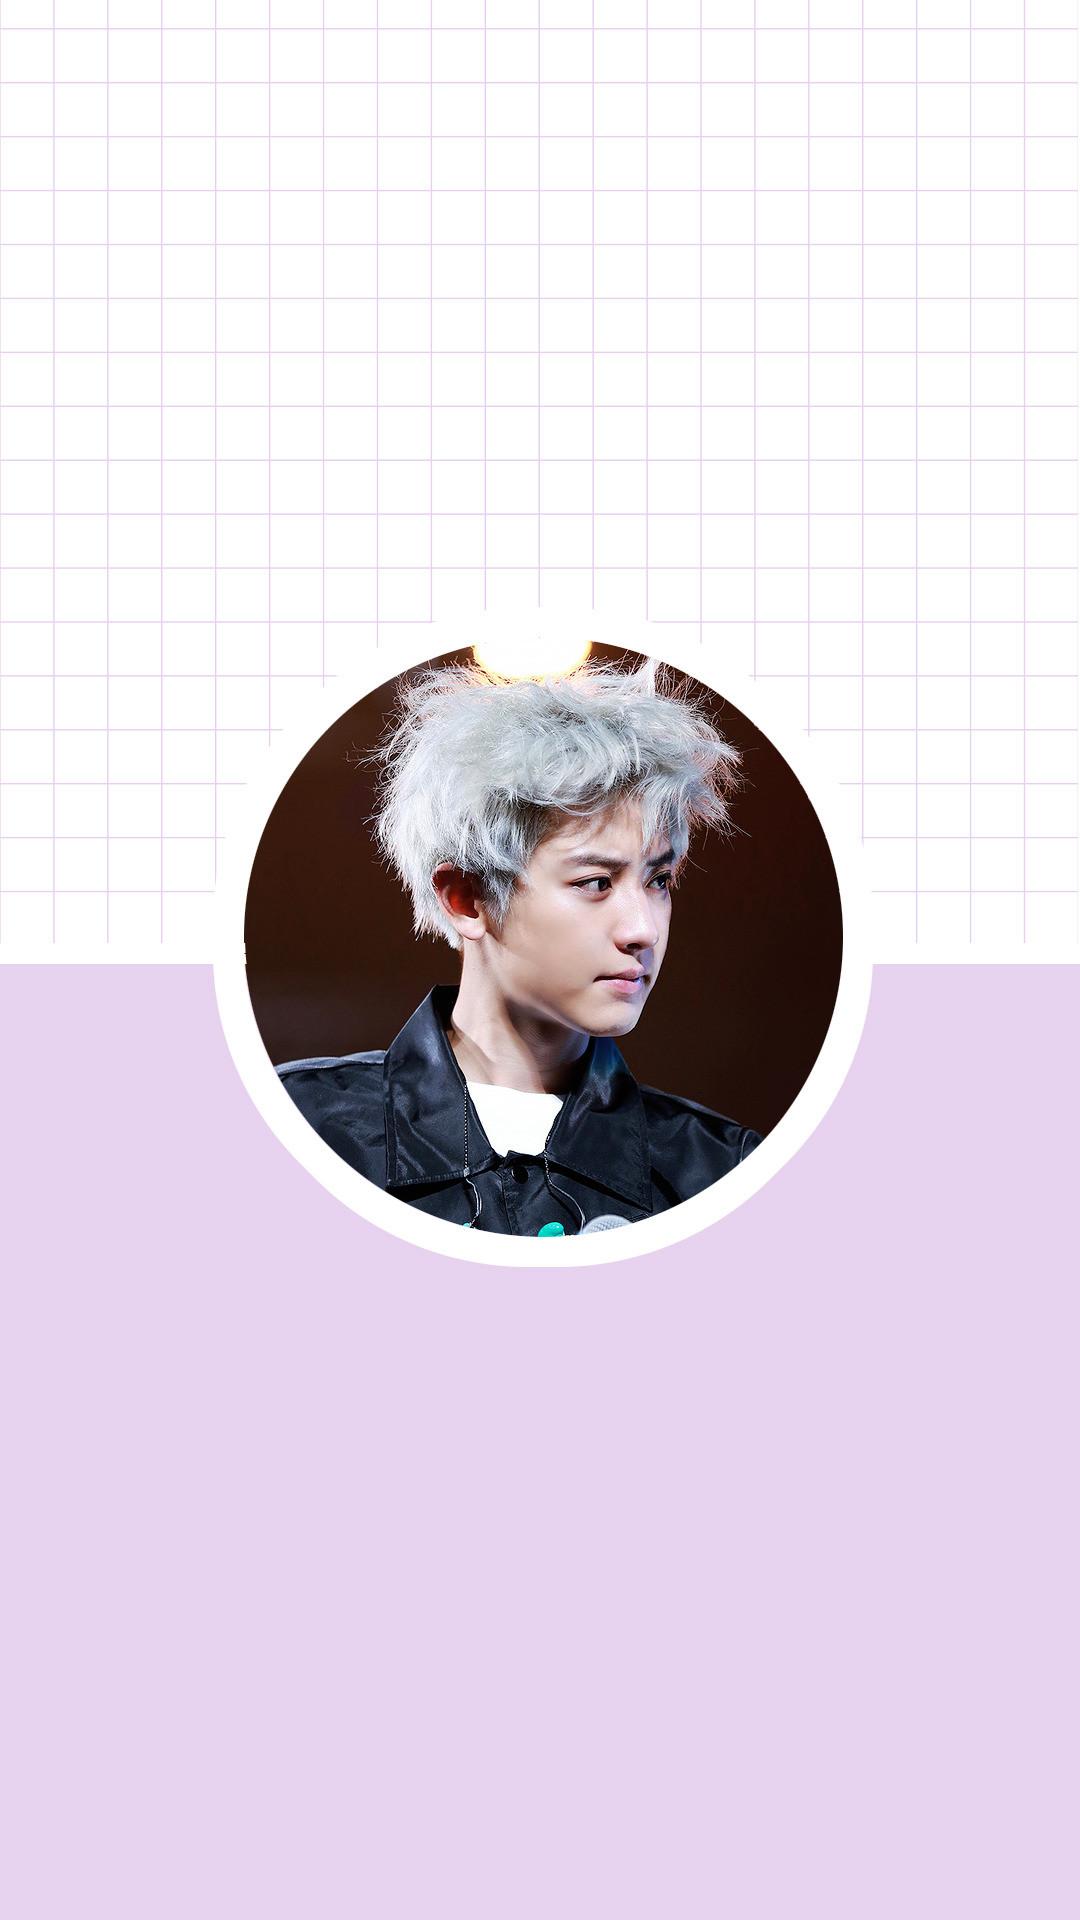 Exo Chanyeol Wallpapers